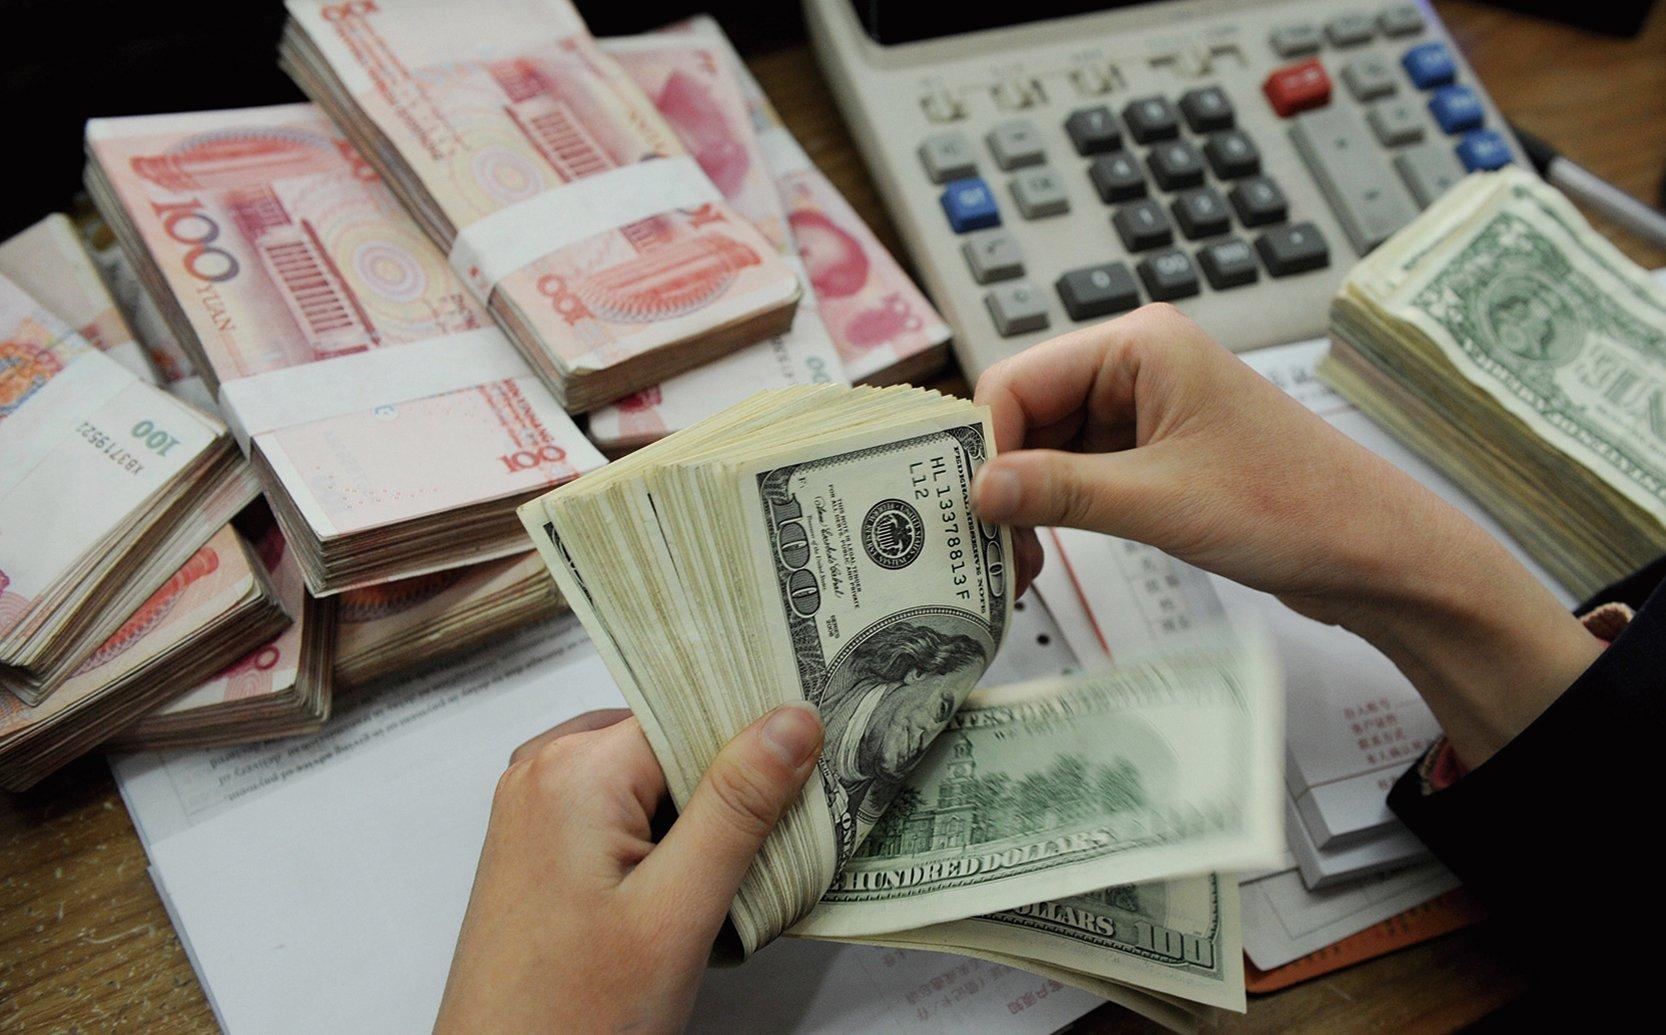 2020年6月,香港人民幣存款按月減少550億元。中共強推「港版國安法」,導致香港國際貿易地位改變,或引發資金外逃嚴重。(getty image)